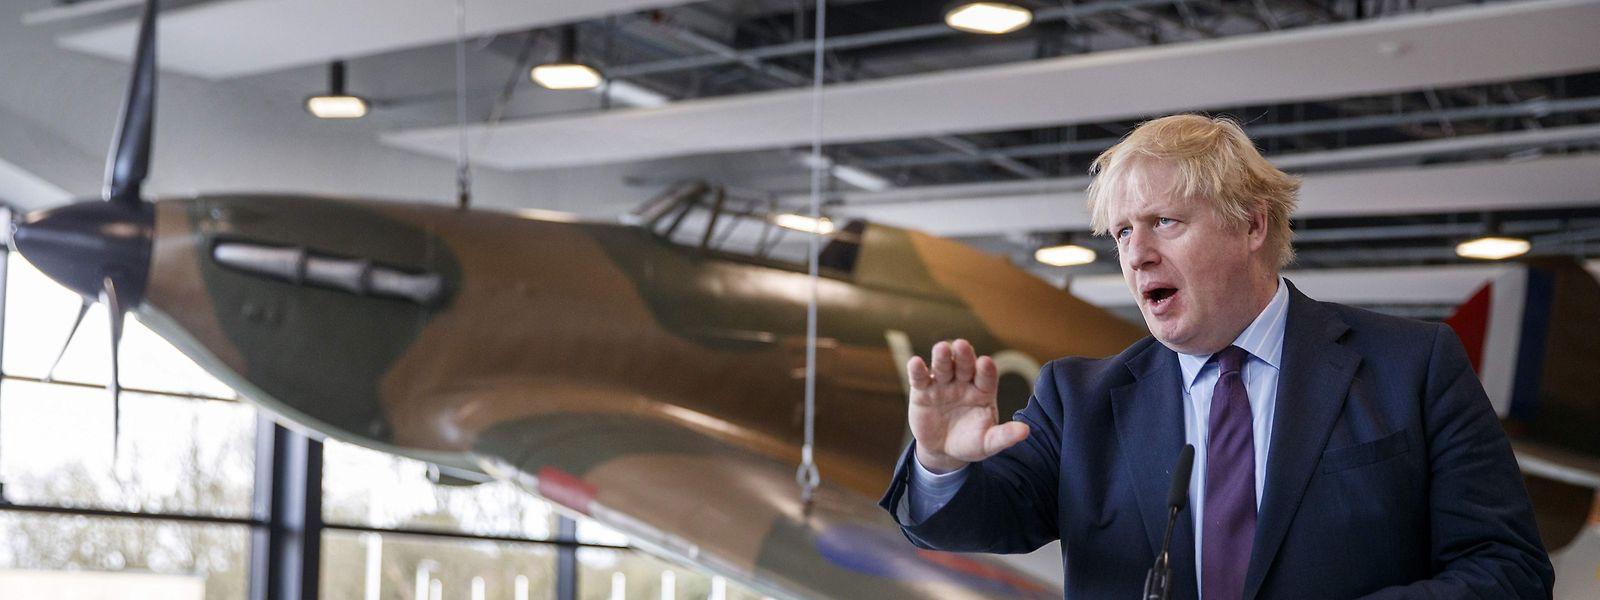 """Der Befehl zum Anschlag auf Skripal sei """"höchstwahrscheinlich"""" von Putin selbst gekommen, sagte der britische Außenminister Boris Johnson am Freitag"""